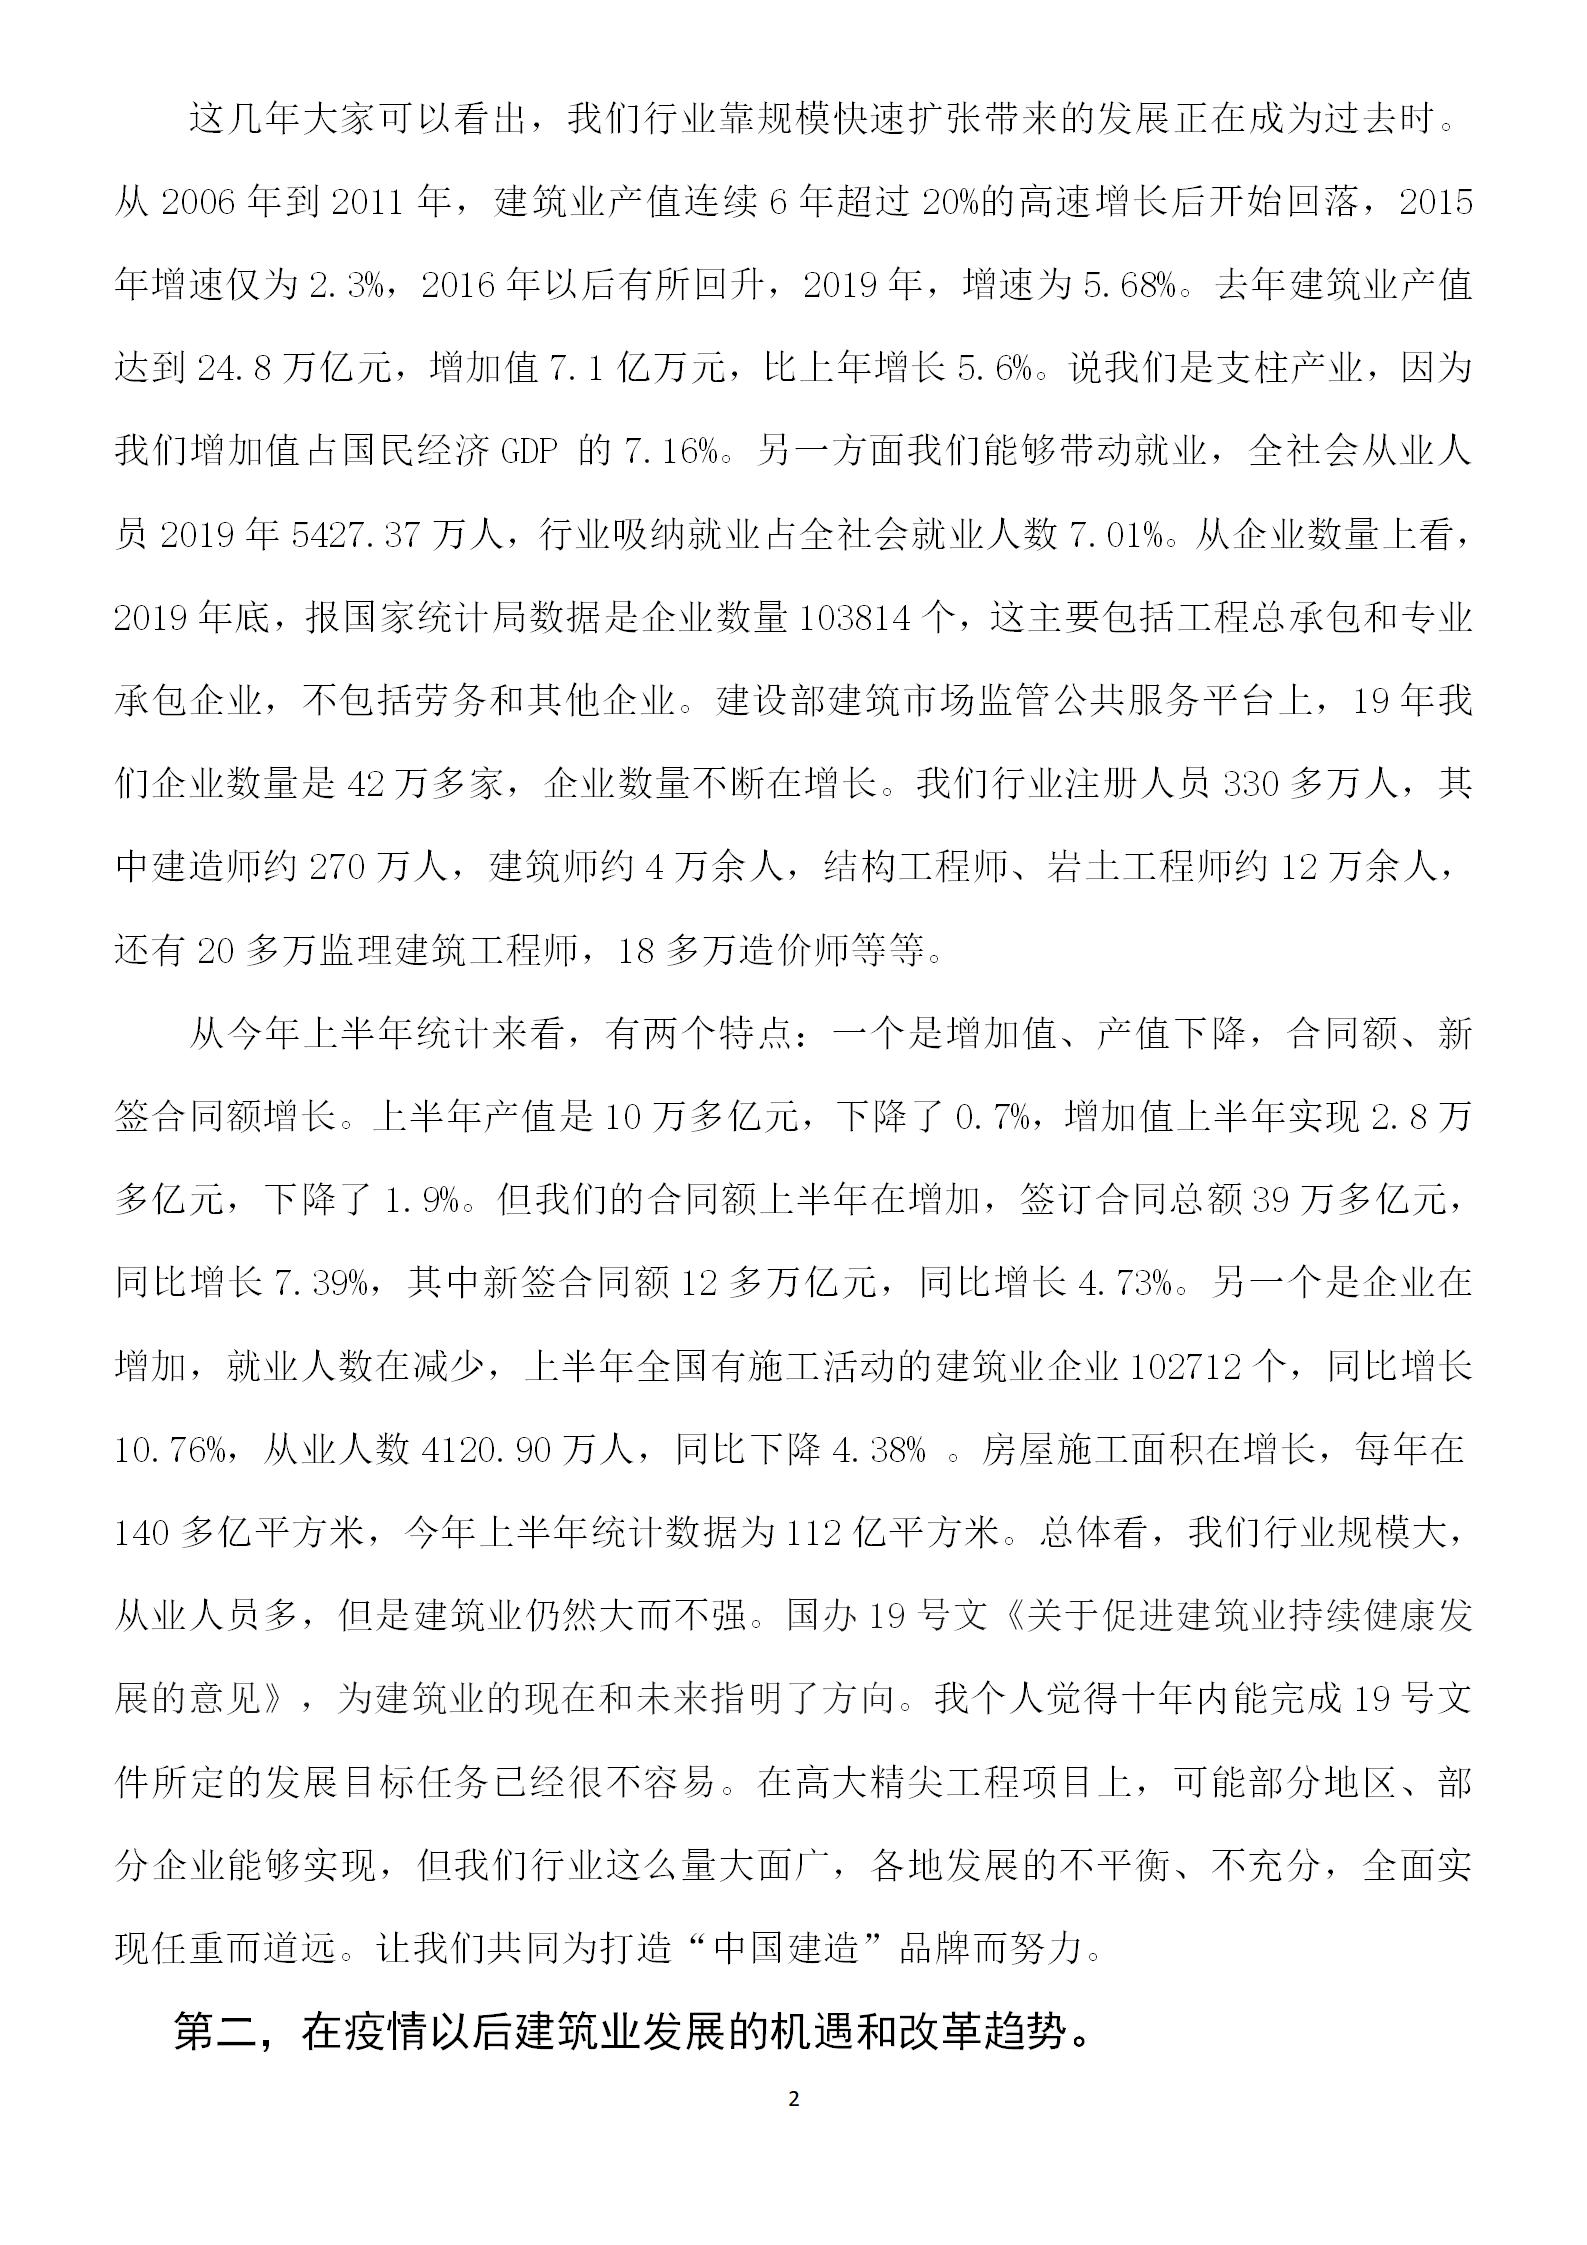 中建协副会长吴慧娟在河北省建筑业协会八届五次理事会上的讲话(1)_02.png